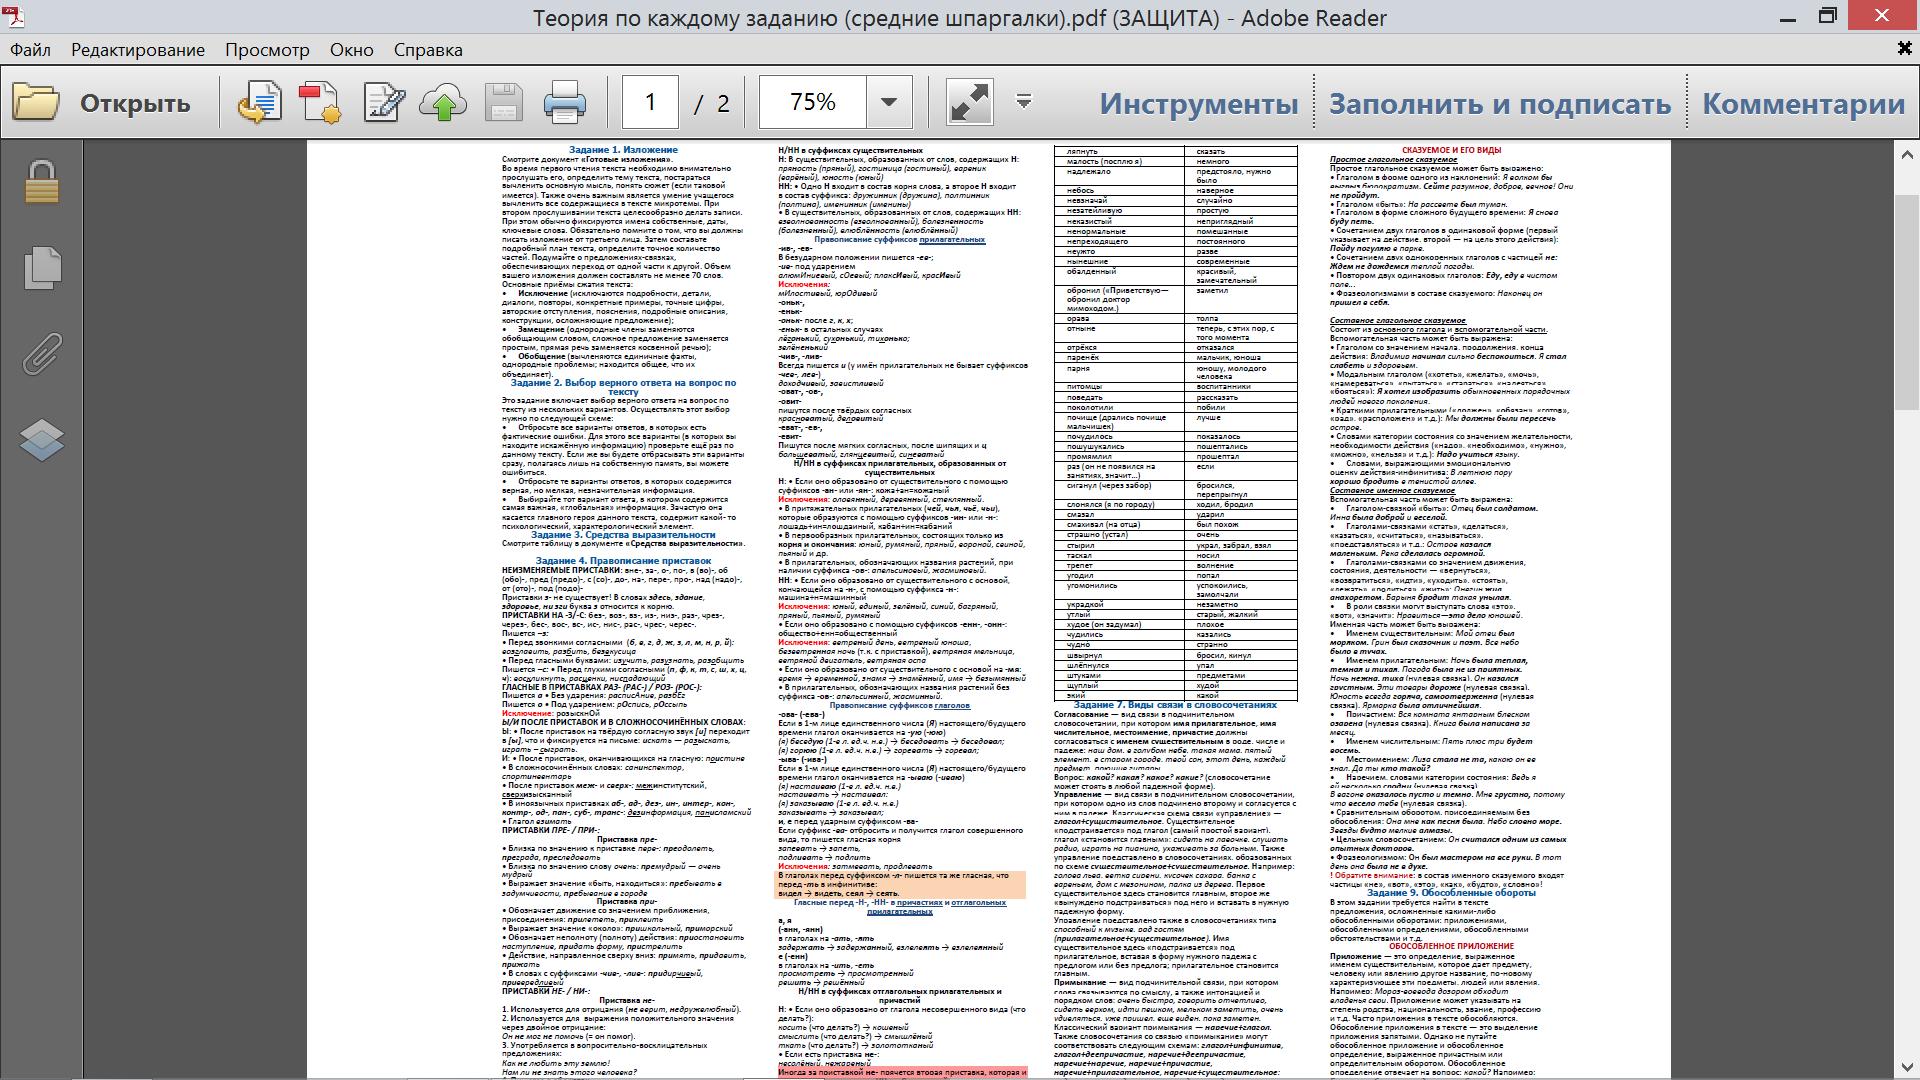 Задание 13 ОГЭ по русскому языку 2019